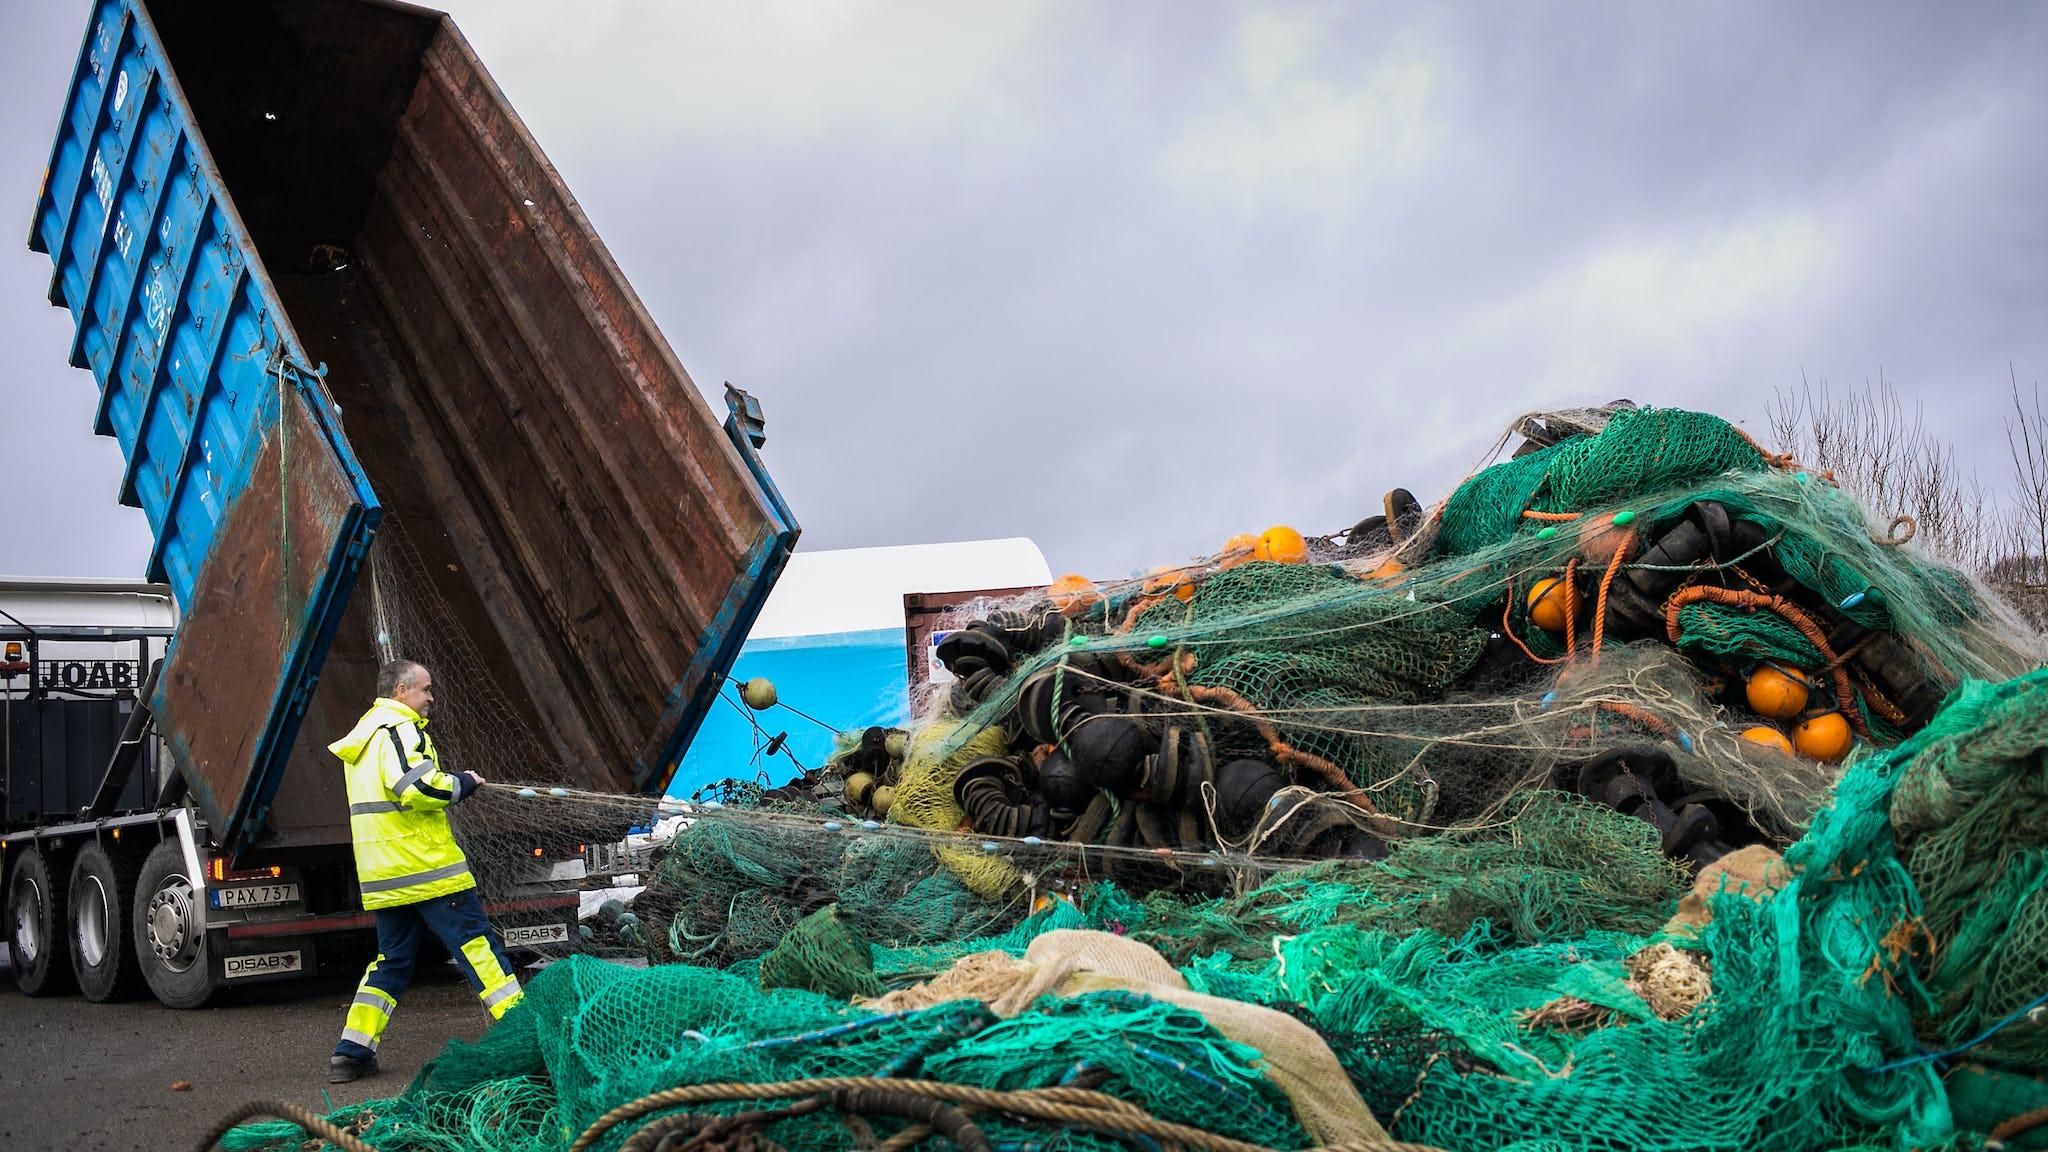 13 ton uttjänta garn och trålar lassas ur på Sveriges enda marina återvinningscentral. Ingmar Rytterstig tar emot.